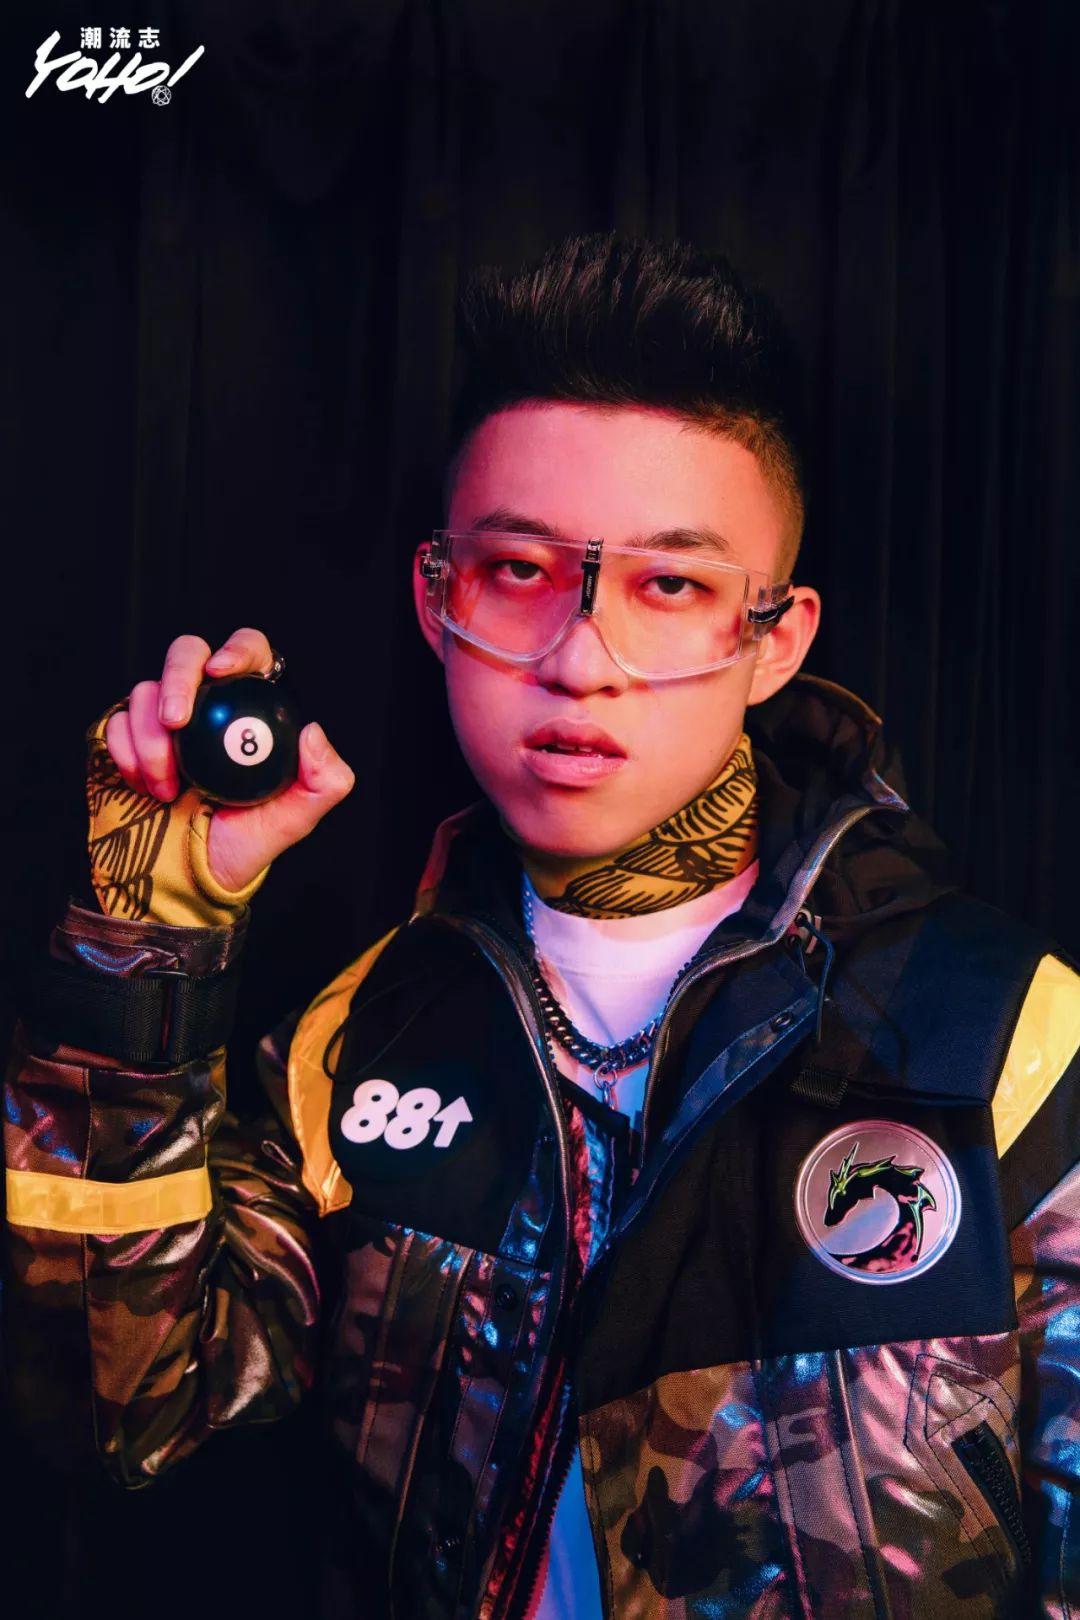 土酷, 网红, 无厘头… 清空Instagram的这一年, 他成为了真正的「黄皮肤Rapper」| Rich Brian